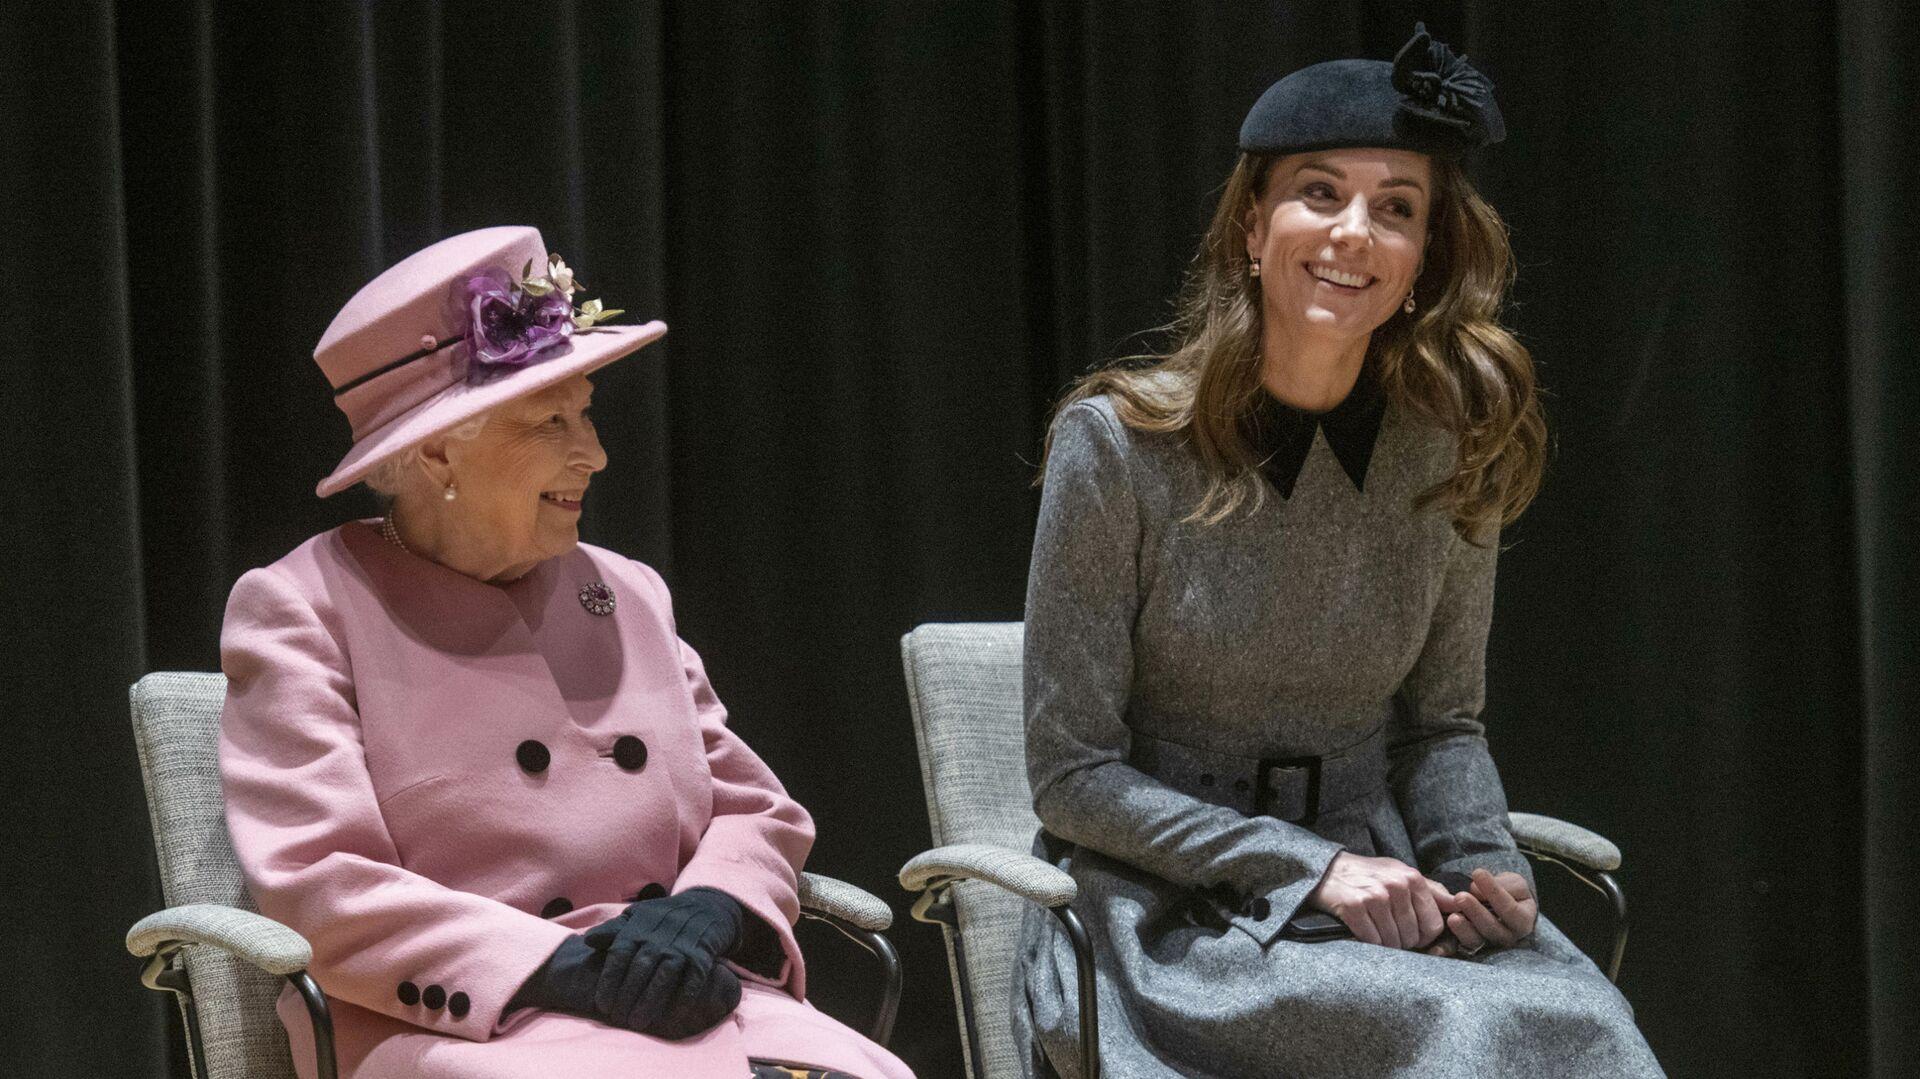 Vévodkyně z Cambridge Kate Middletonová a britská královna Alžbeta II. - Sputnik Česká republika, 1920, 24.07.2021